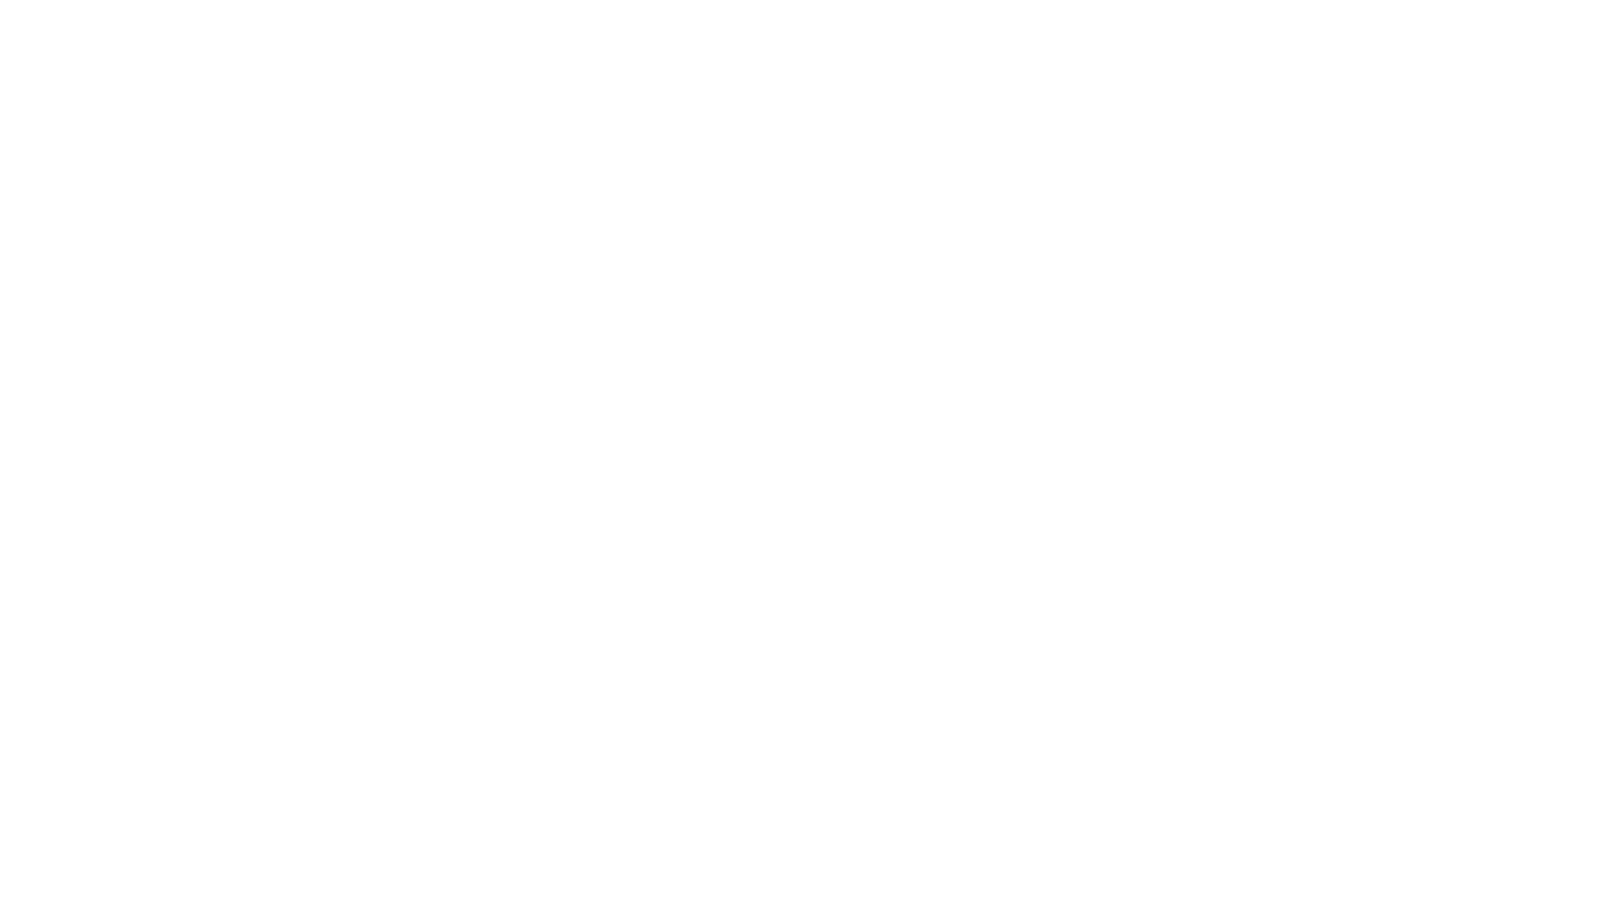 Ideal para quem gosta de contato com a natureza e quer morar bem!Área do terreno: 1.855 m2. Área construída: 379,58 m2.  A propriedade dispõe em sua área inferior de sala de estar, sala de jantar, sala de TV com ar condicionado, lavabo, cozinha com mesa em granito, despensa com prateleiras, lavanderia, despensa debaixo da escada. Na parte superior, escada em granito, três dormitórios com ar condicionado (sendo uma suíte), roupeiro no hall e WC. Todos os dormitórios com armários embutidos com portas de correr de vidro e espelhos com molduras em alumínio. Todos os WC com granito, gabinetes e box Blindex. Na área externa, amplo espaço gourmet com balcões em granito e armários, churrasqueira, lavabo, varanda enorme (129,75 m²) fechada com toldos recém trocados, garagem coberta para quatro carros e mais duas vagas descobertas. Canil com bebedouro automático com azulejos até o teto e com parte coberta. Lavanderia externa fechada. Dois amplos quartos de despejo com prateleiras em concreto. Excelente escritório (15 m²) com ar condicionado com vista para um belo lago ornamental estilo oriental. O escritório pode ser utilizado para outras finalidades, como quarto de hóspedes, brinquedoteca, ateliê, estúdio etc. Piscina em azulejo com aquecimento solar, medindo 9,0 x 4,5 x 1,20 m, com tela de segurança removível e ampla casa de máquinas. Sauna úmida (nova) e vestiário com acabamento em granito.  Caixa d'água extra de 6 mil litros. Portões eletrônicos com interfone. Água quente em todas as torneiras da casa. Campo de futebol medindo 18,2 x 33 m (600 m²).  Pomar com jabuticabeiras, limoeiros, bananeiras, pitangueiras, amoreira, mangueira, seriguela etc. Cerca viva com quase cem pés de primaveras e pergolado. Revestimentos externos: pedra São Tomé e pedra São Carlos. Paisagismo: Nanci Thame e Verde Total. Mármores e granitos: Nobre Marmoraria. Projeto construtivo: Engº Civil Elias Daniel Tornisielo. Projeto arquitetônico complementar: Egídio Simoni Arquiteto e Associados. Edifica